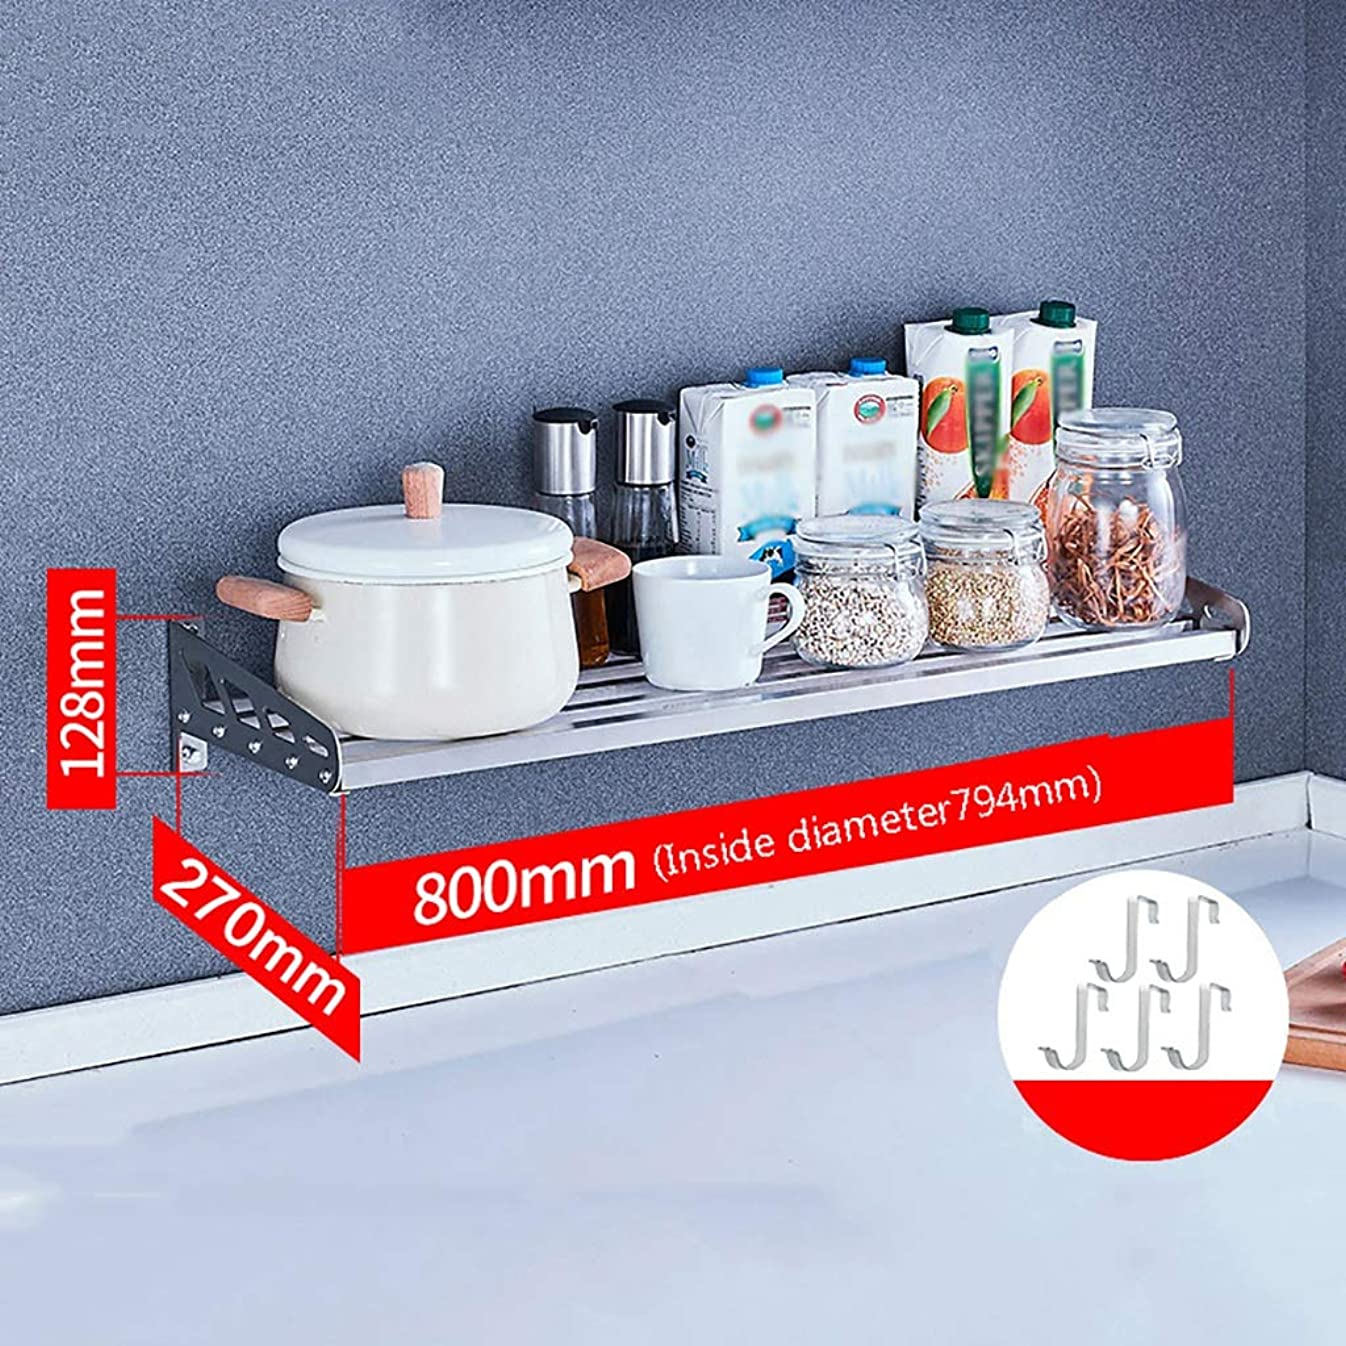 スーダンパンダばかげたキッチンシェルフ/電子レンジラック/フロア/ステンレスラック/キッチン用品収納棚/ペンダント5フックバスルーム、キッチン、バルコニー、本棚に最適